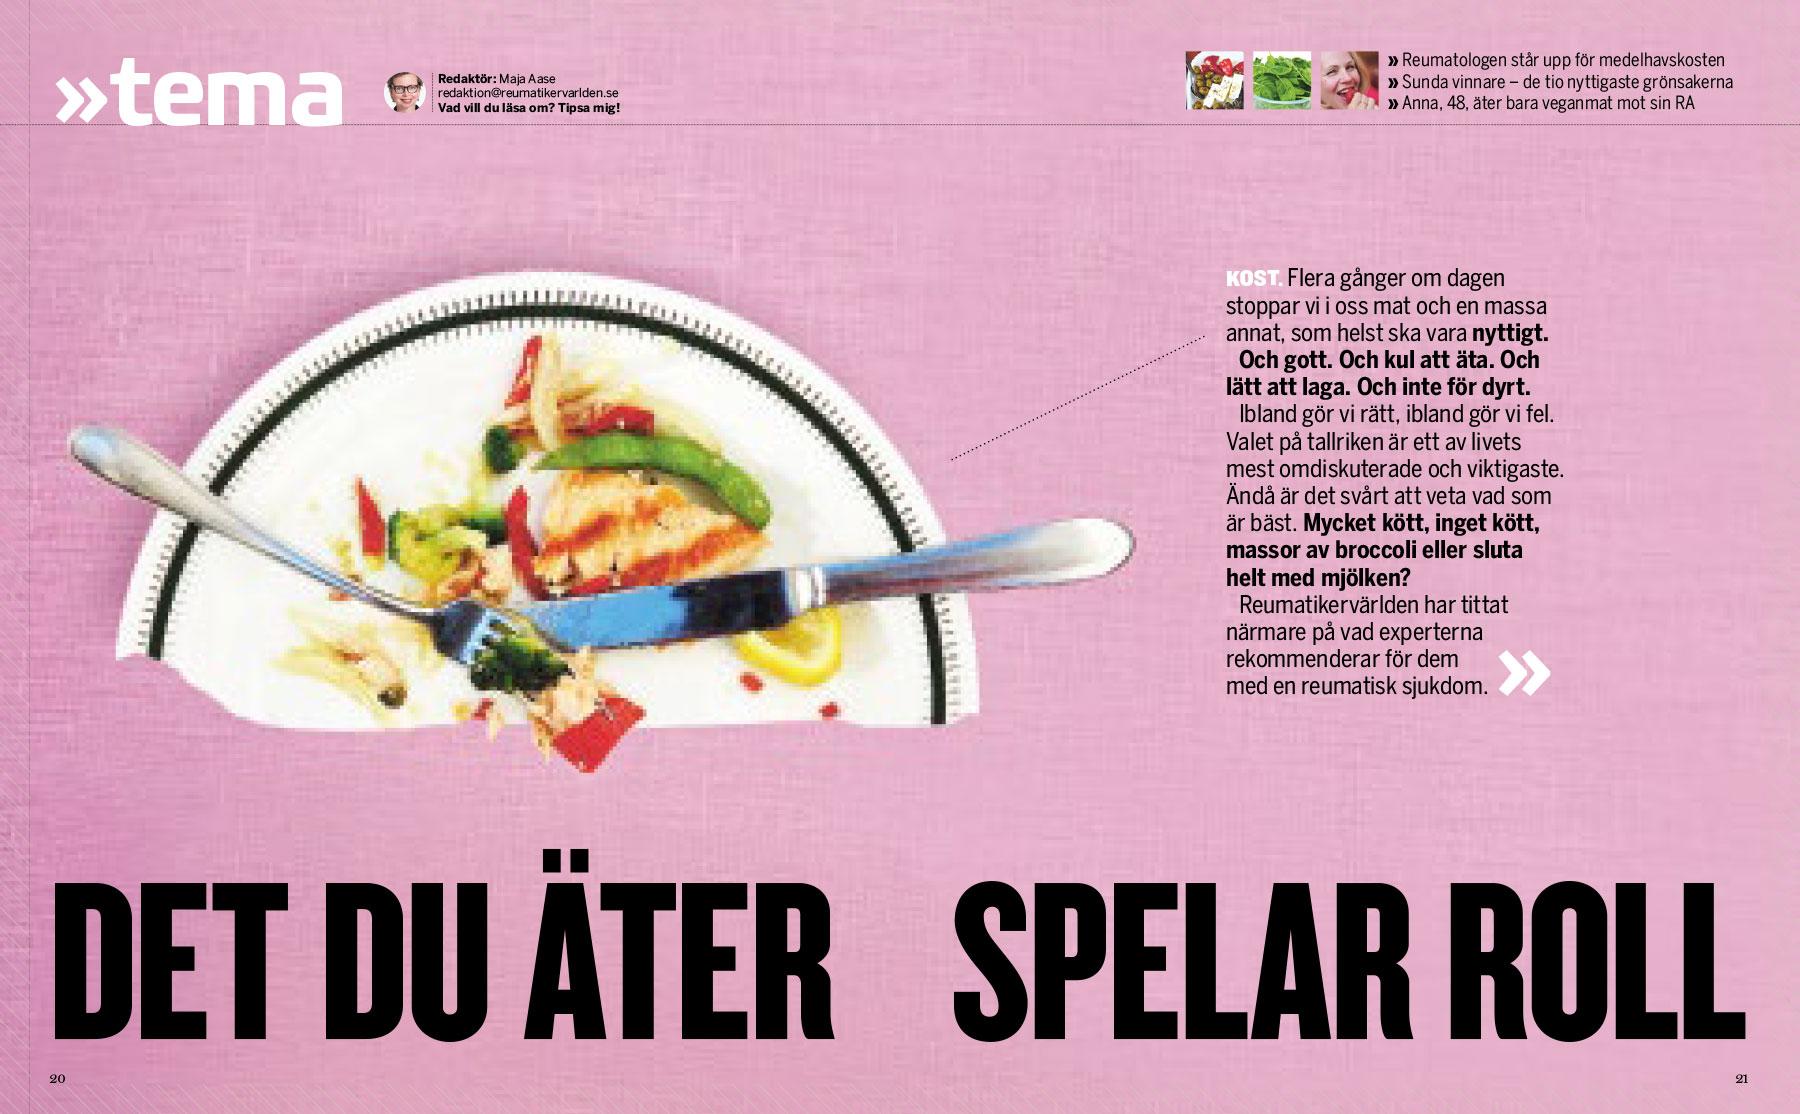 Det du äter spelar roll